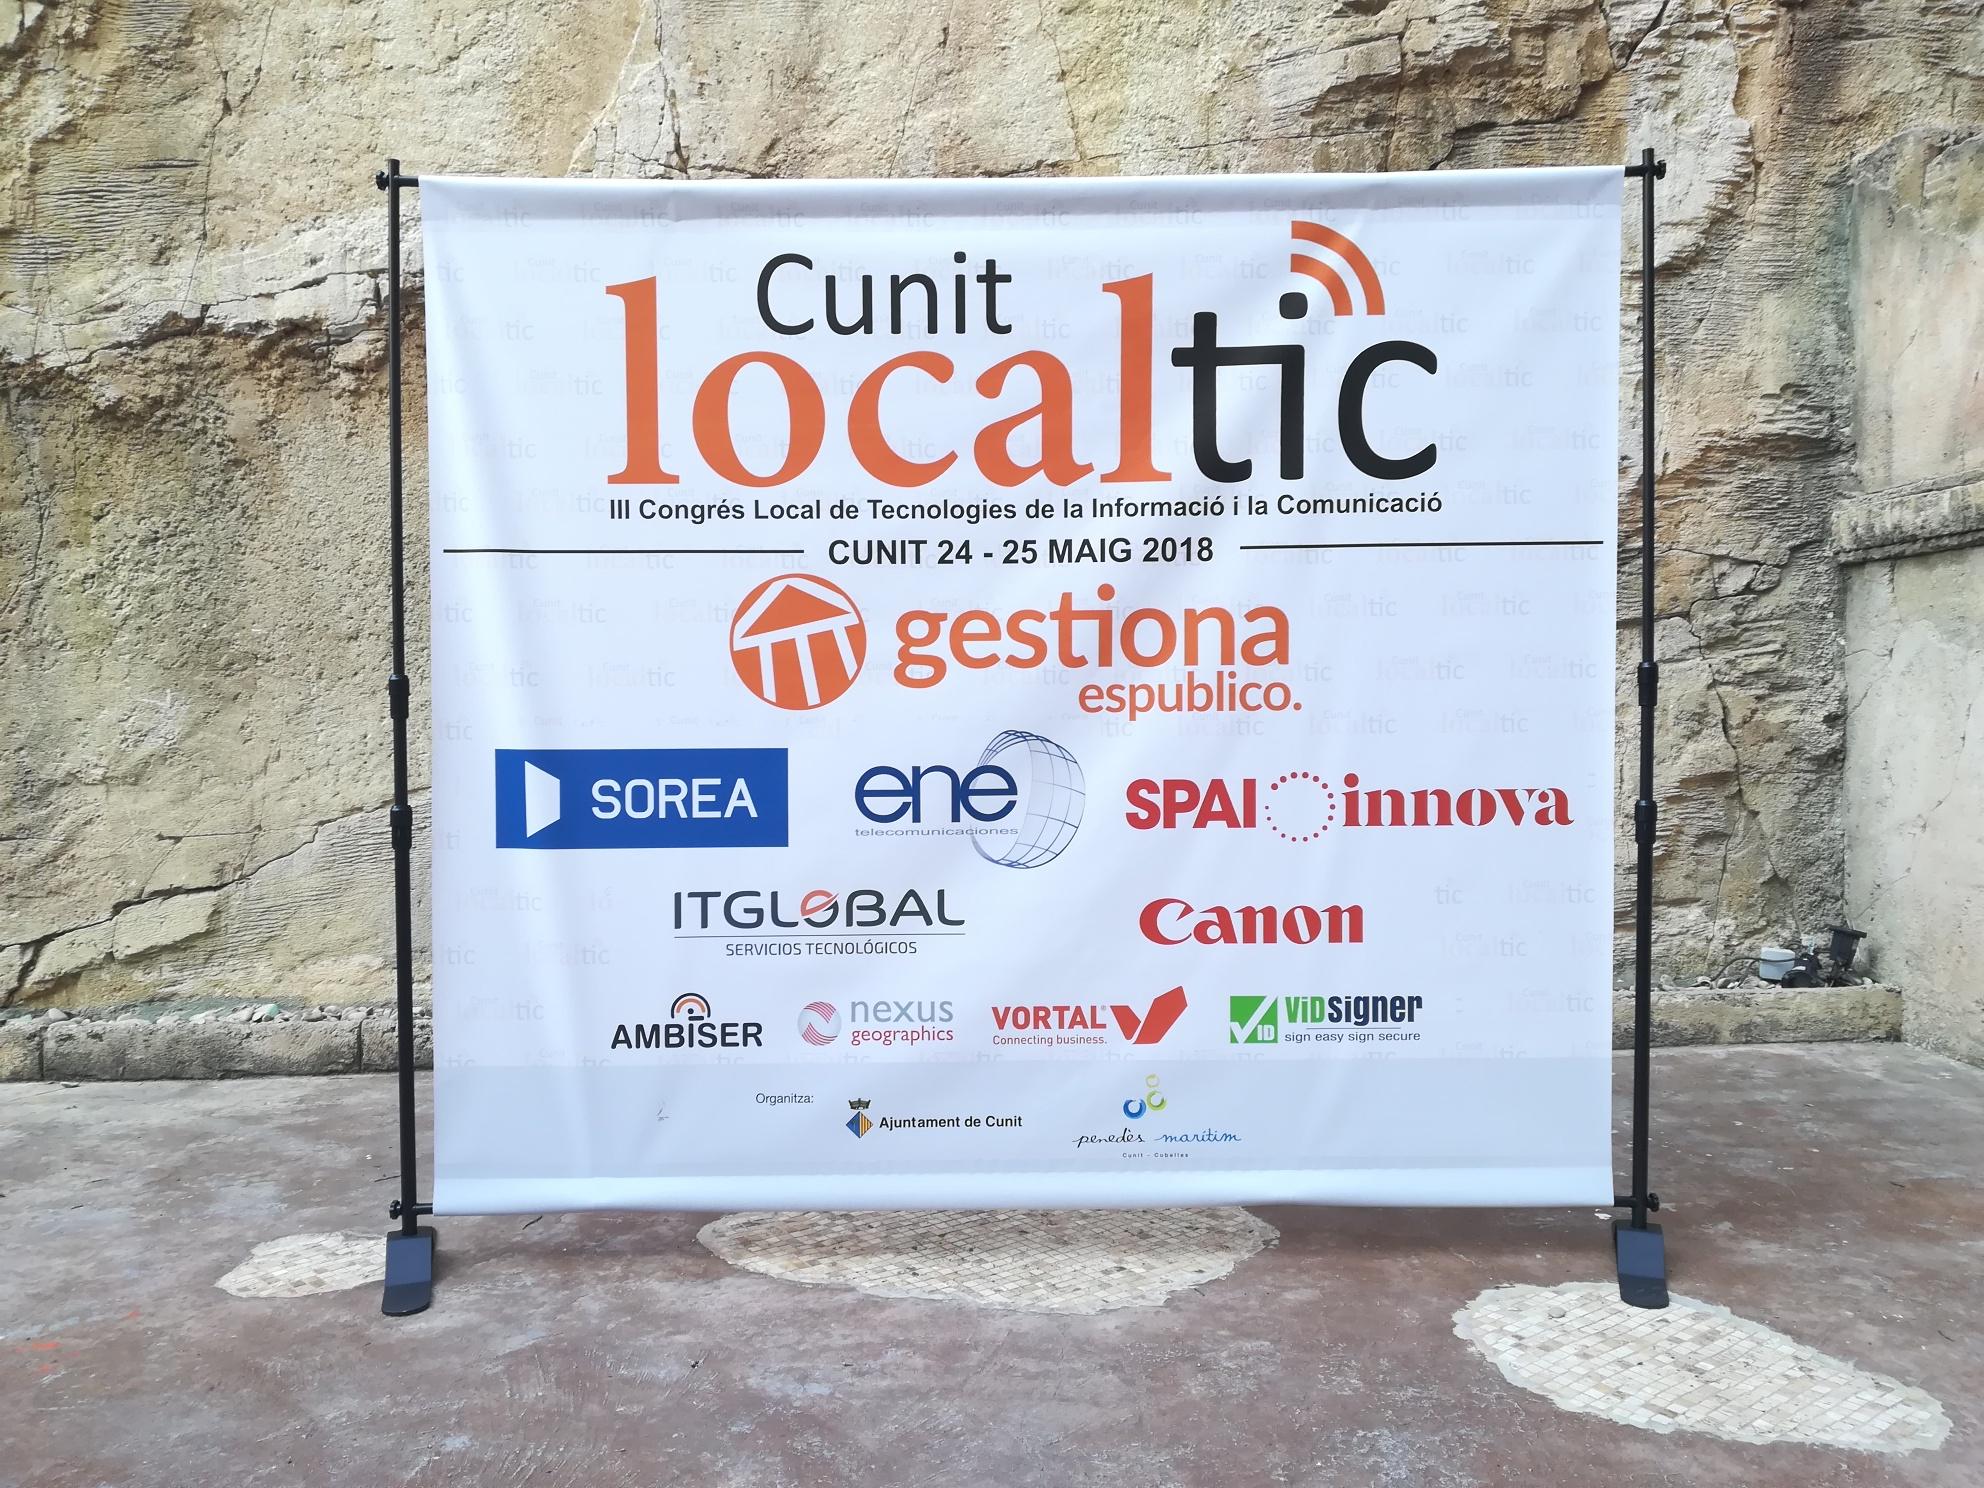 Localtic_ITG